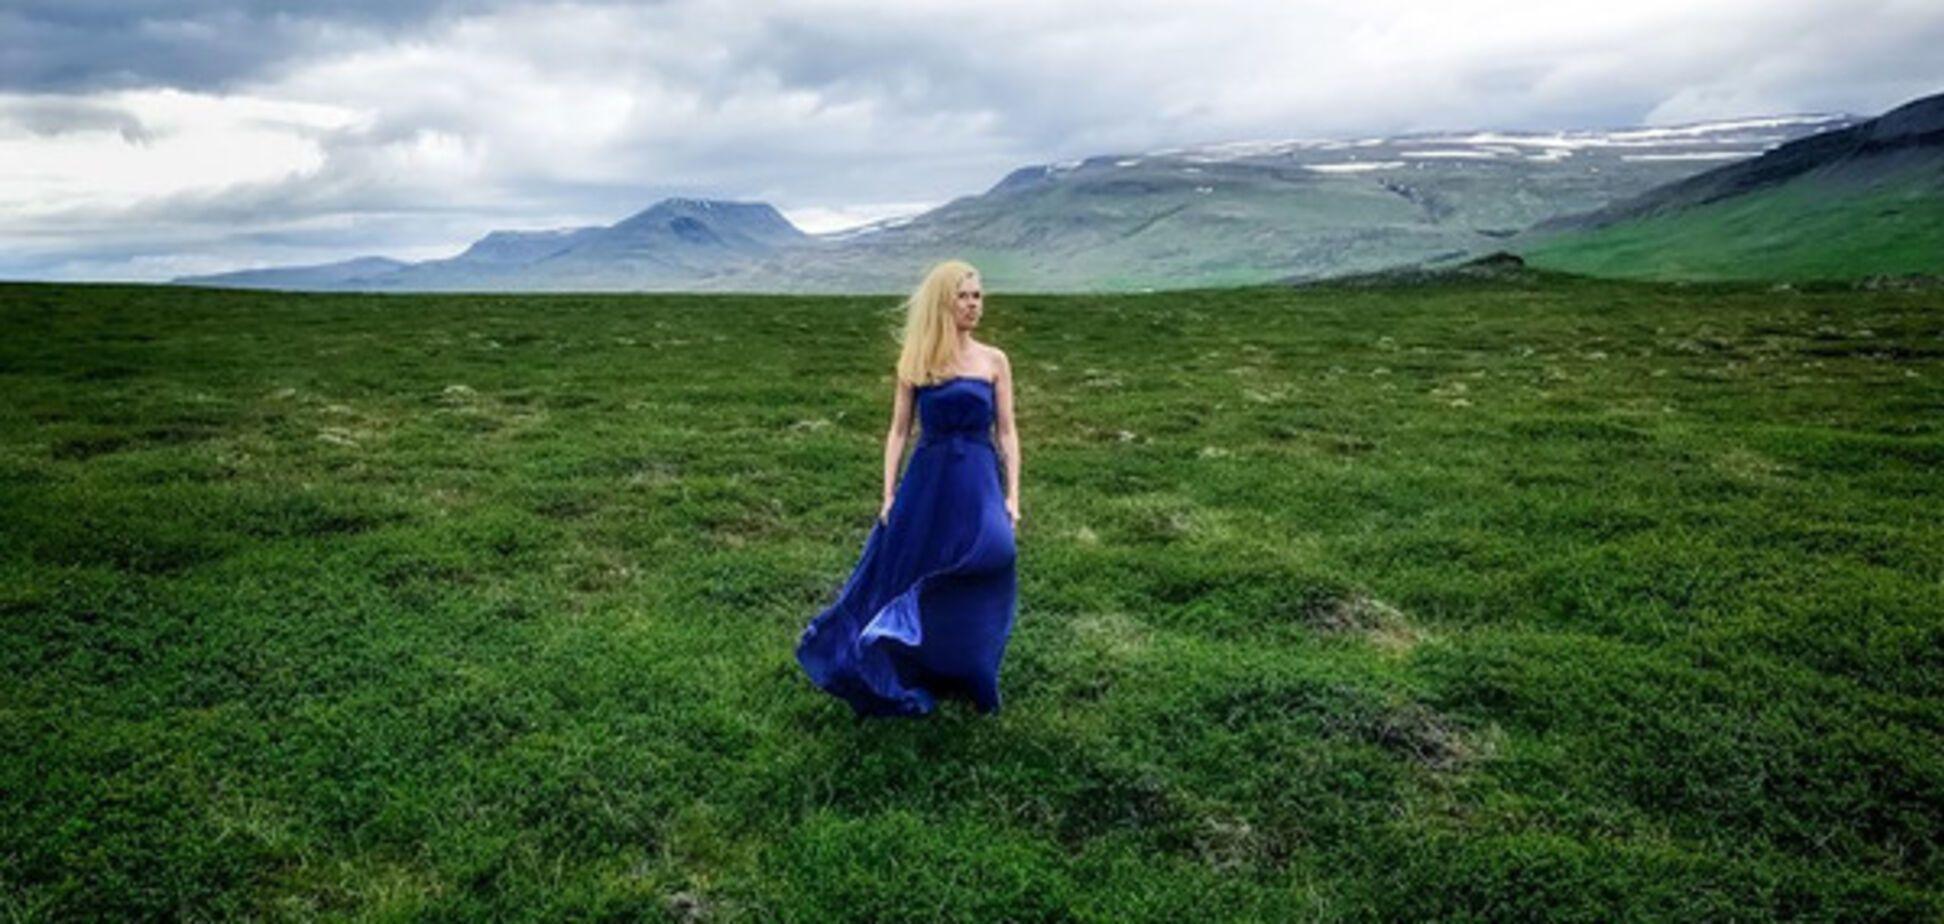 Ярослава Гресь, синее платье